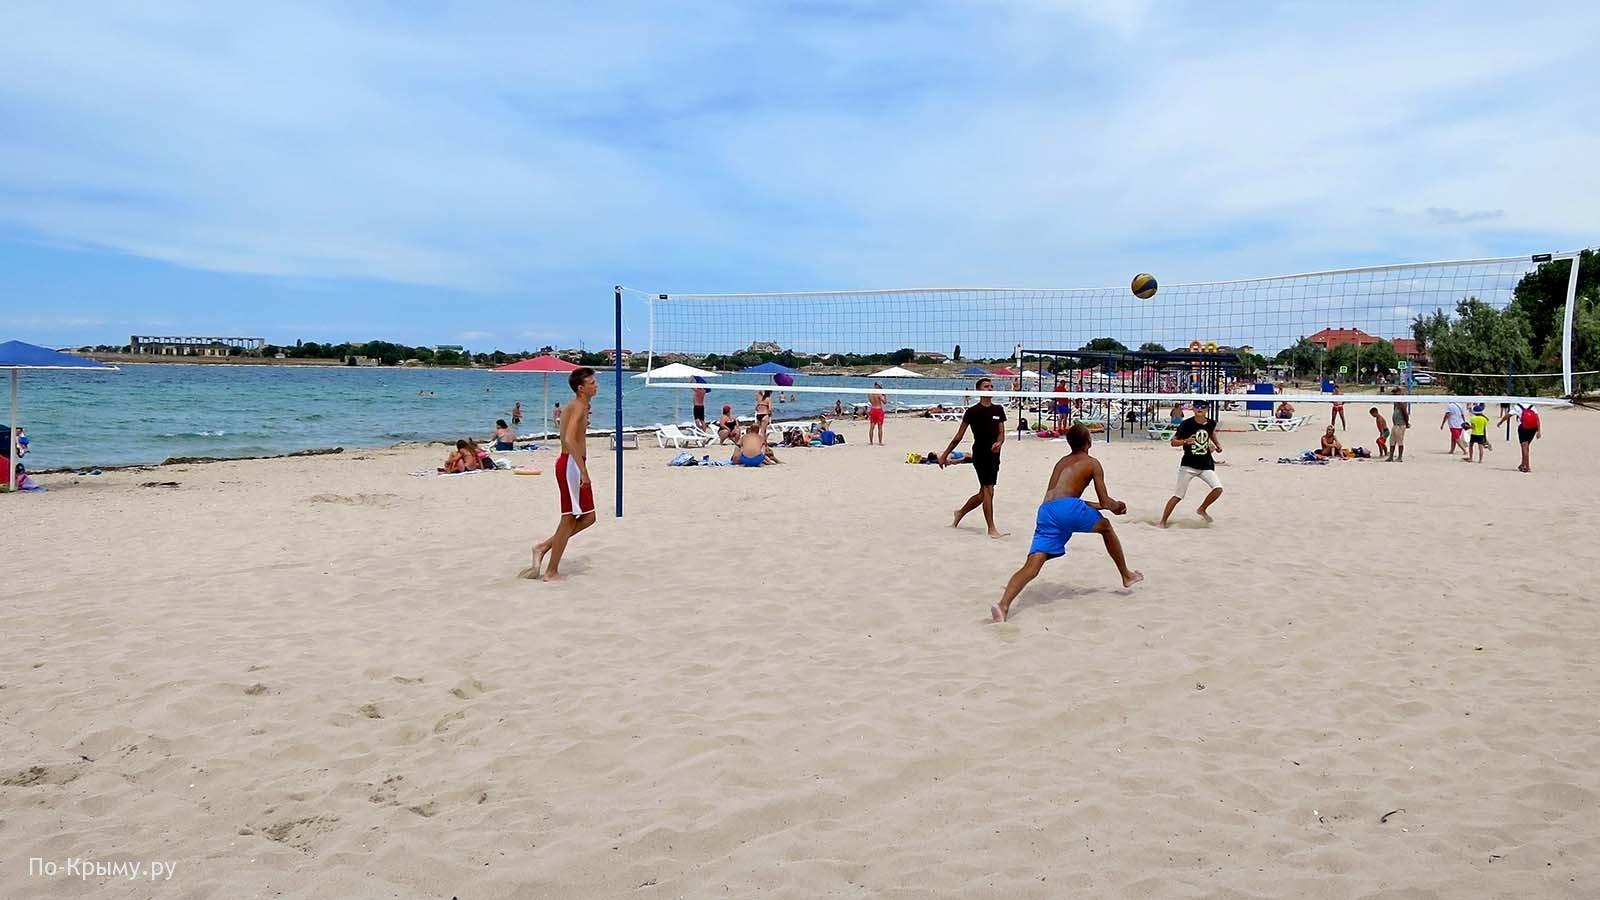 Пляжный волейбол, пгт Черноморское